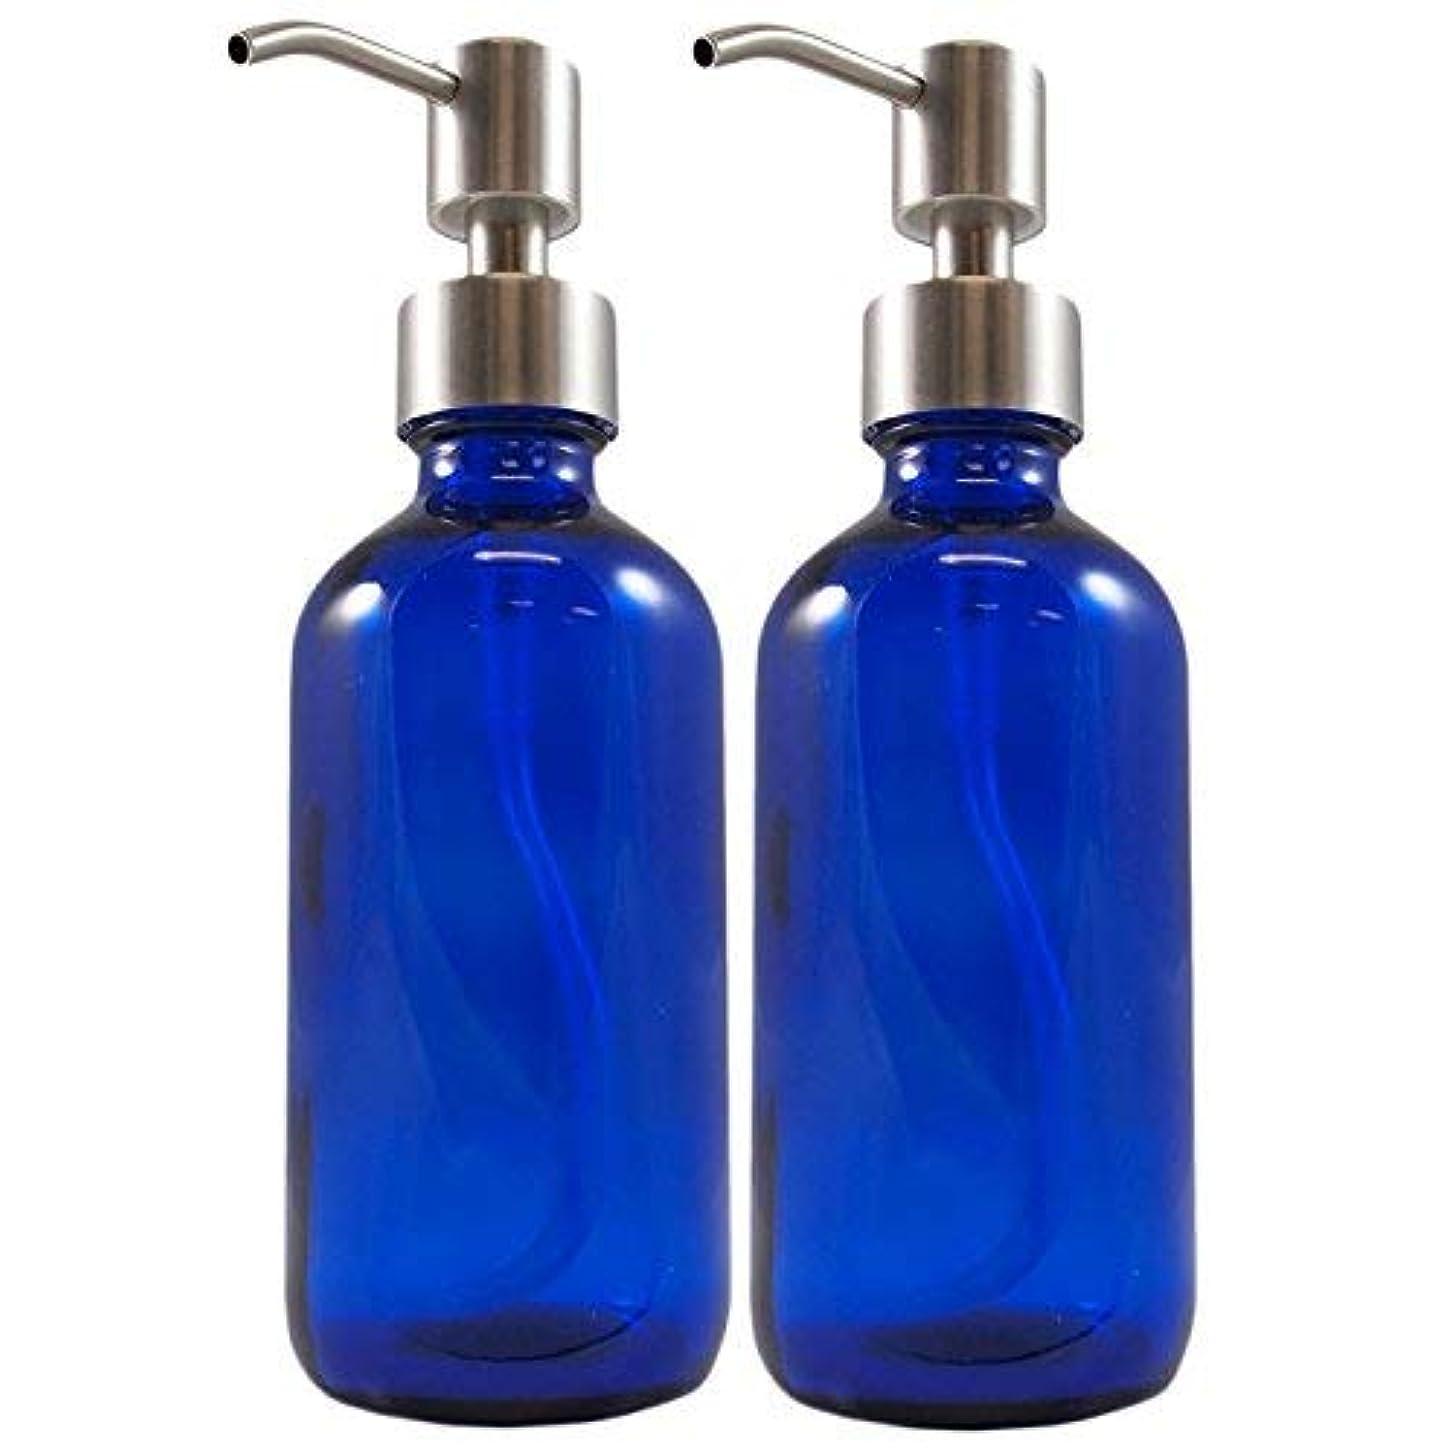 メガロポリス証明書浸すCornucopia Brands Cobalt Blue Glass Boston Round Bottles with Stainless Steel Pumps, Great for Essential Oils, Lotions and Liquid Soap, 8 oz, Pack of 2 [並行輸入品]